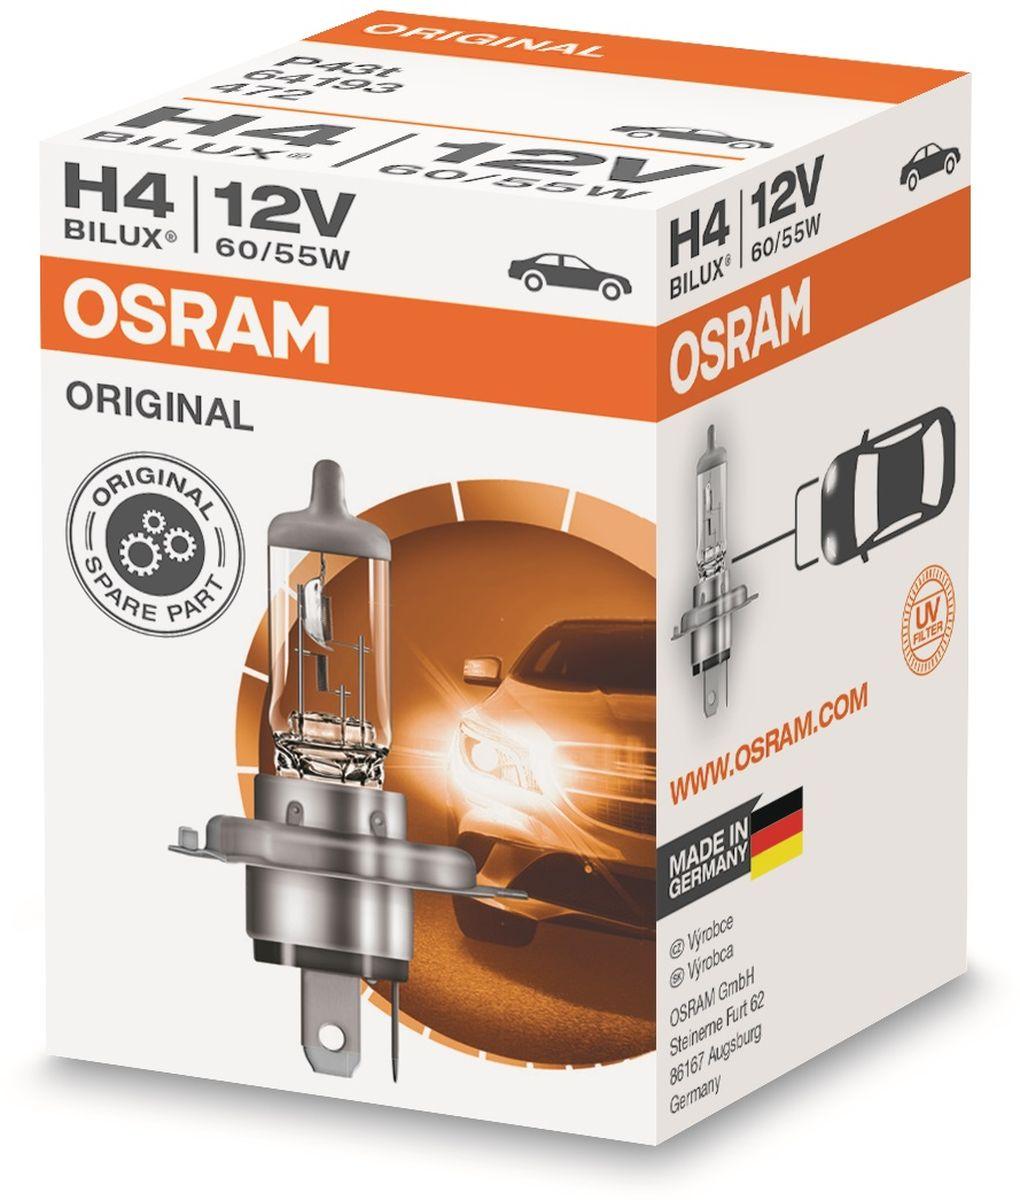 Лампа автомобильная галогенная Osram Original Line, для фар, цоколь P43t, 12V, 75Вт64193Лампа Osram Original Line - это электрическая галогенная лампа для автомобилей и других транспортных средств. Лампа Osram Original Line - это безупречные рабочие характеристики, отвечающие всем стандартам автомобильного освещения, надежность и экономия. Галогенные лампы предназначены для использования в фарах ближнего, дальнего и противотуманного света.